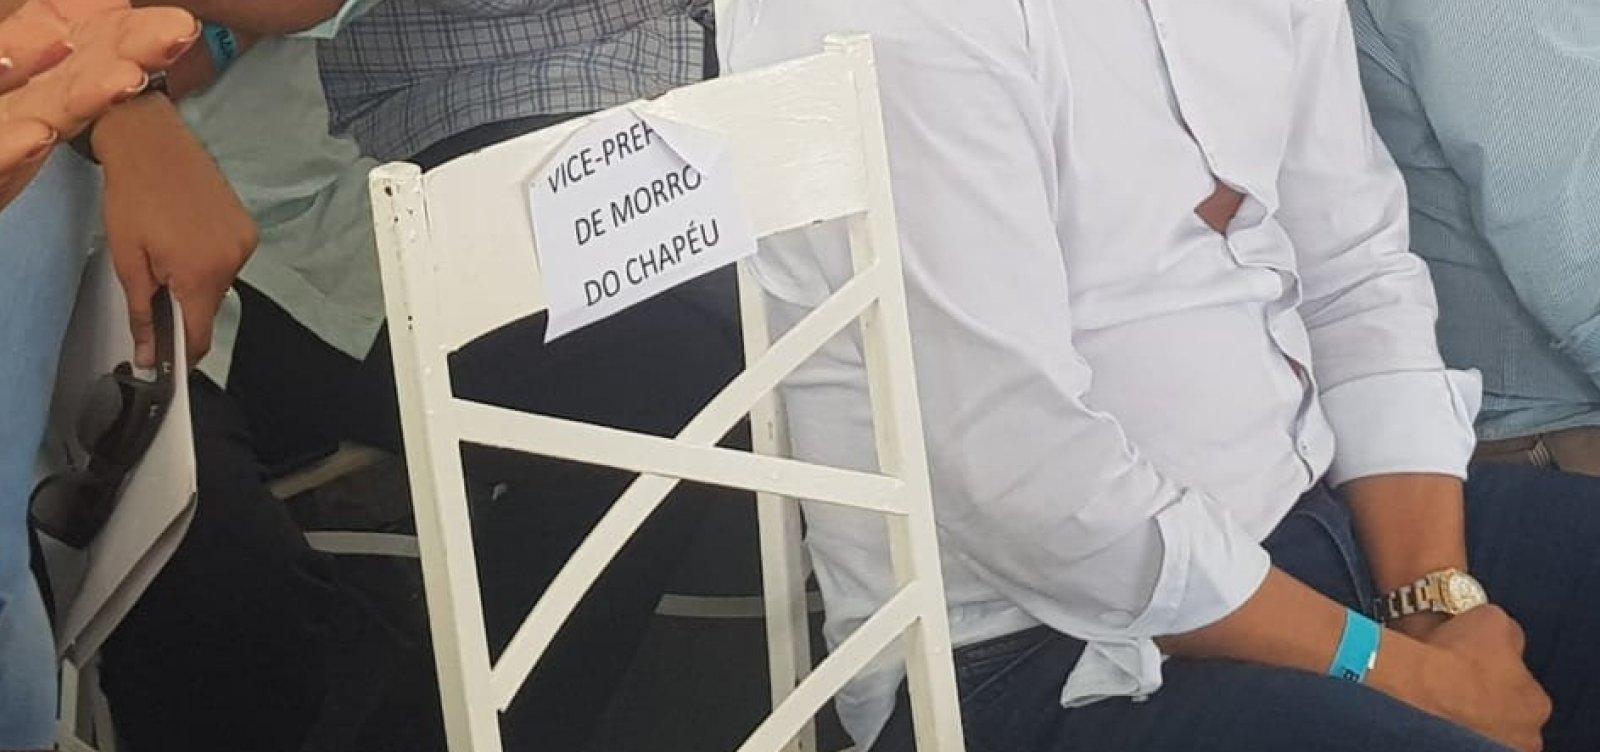 [Em discurso e com vice ausente, prefeito de Morro do Chapéu alfineta ex-aliados]